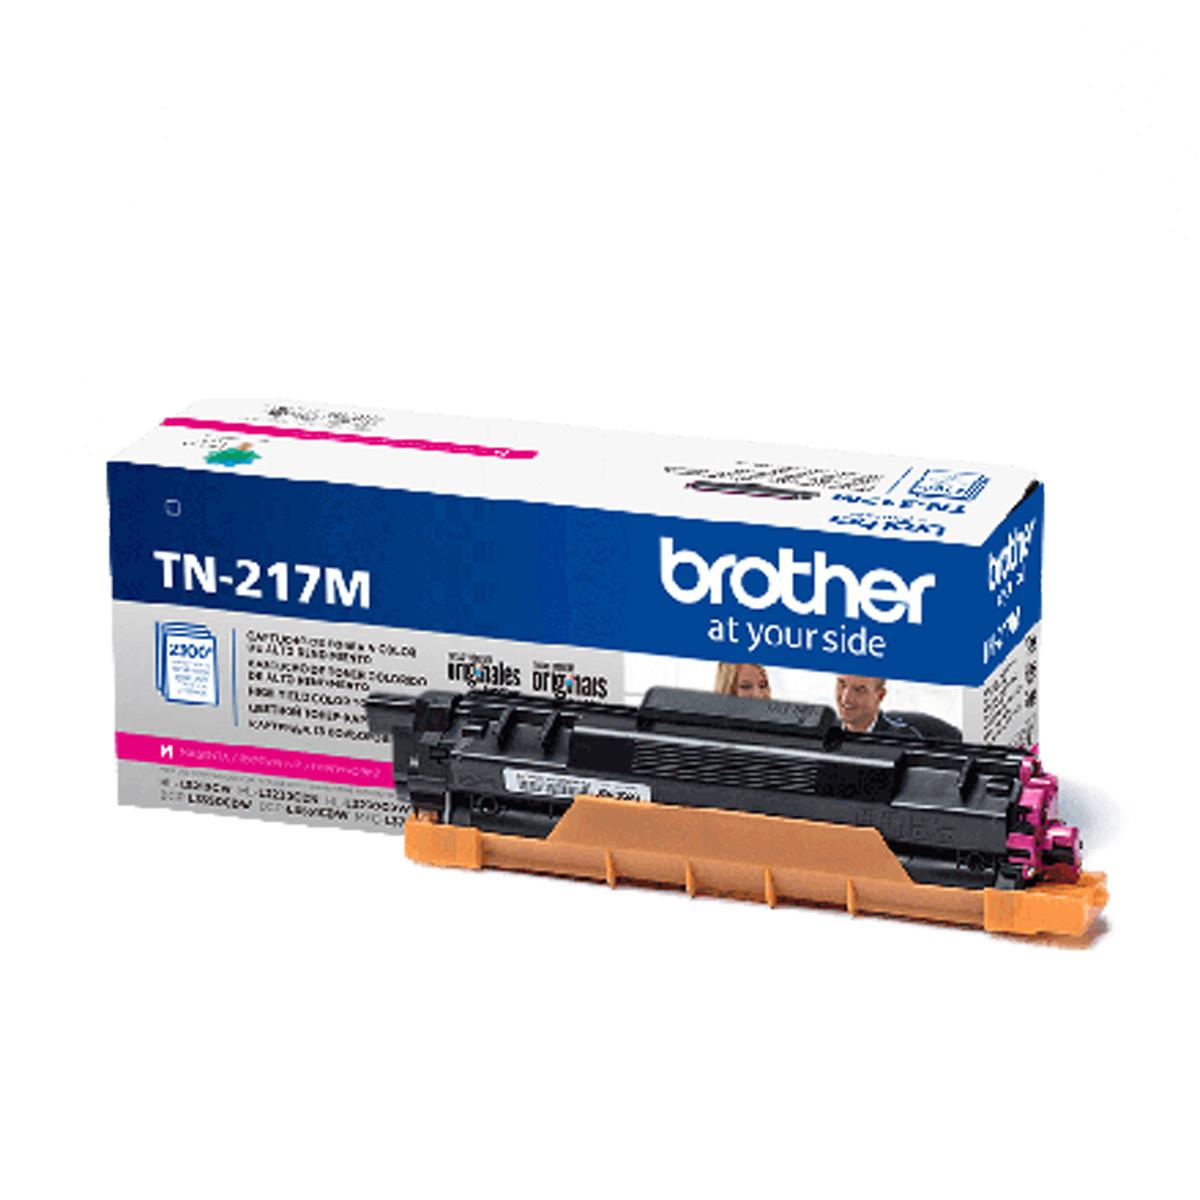 Toner Brother TN-217M TN-217 Magenta | MFC-L3750CDW HLL3210CW DCP-L3551CDW | Original 2.3K